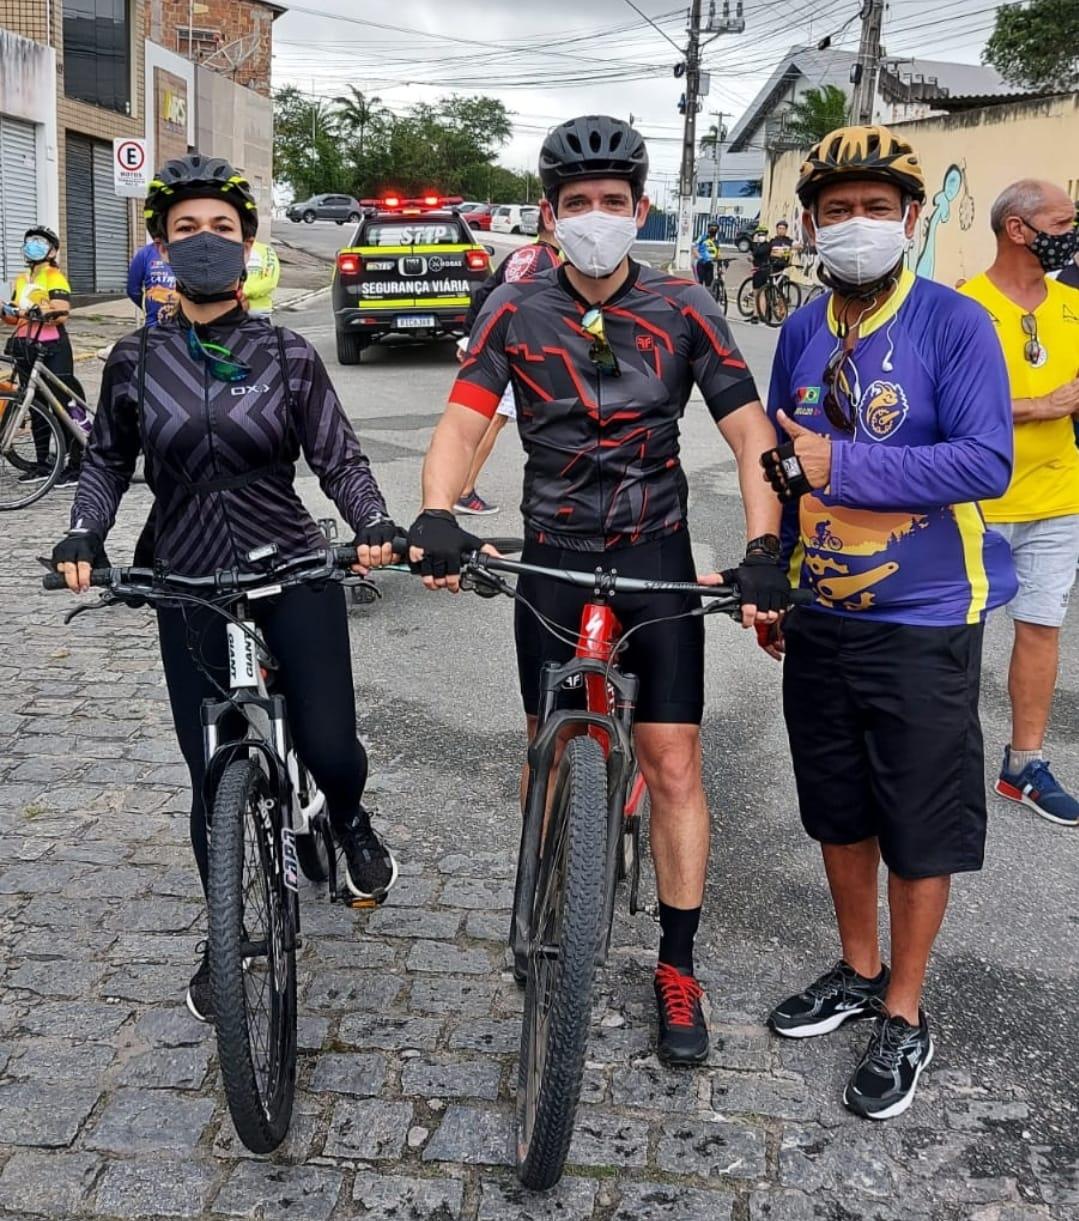 IMG 20210829 WA0043 - Cerca de 300 ciclistas participaram do Pedal Solidário promovido pela Prefeitura neste domingo